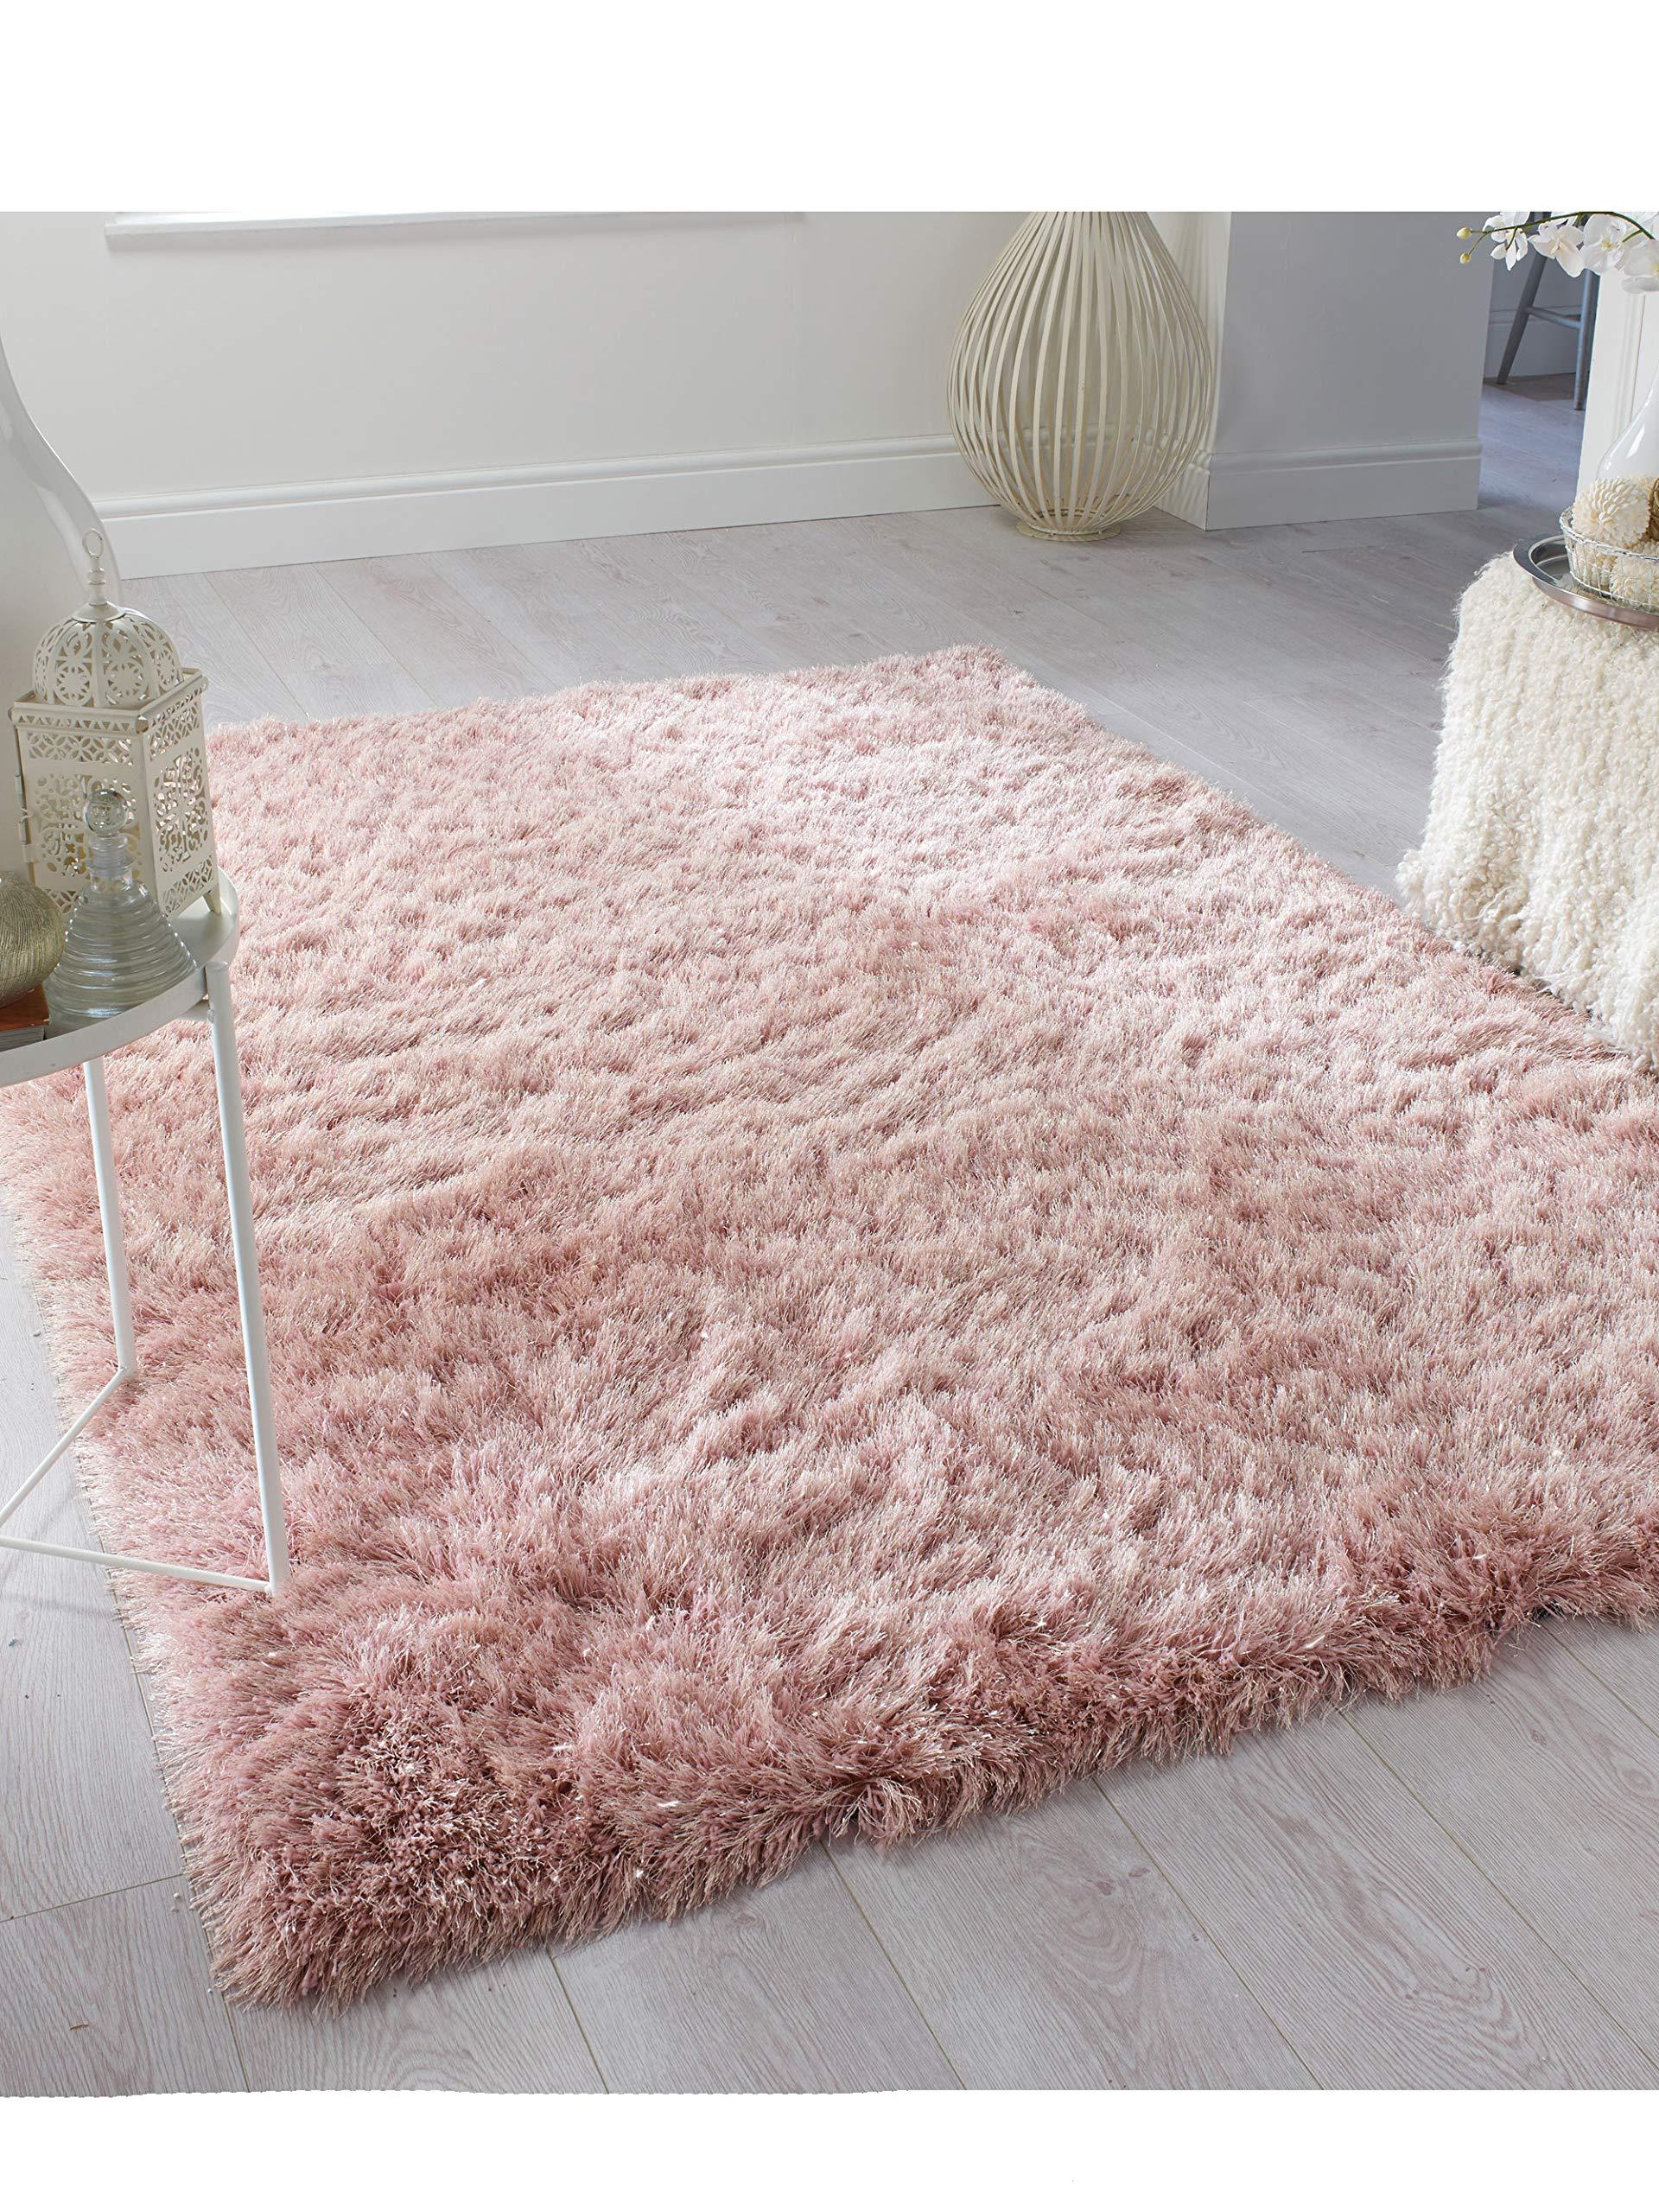 Alfombra de Pelo Largo, contemporánea, Gruesa, Gruesa, de Pelo Largo, Lisa, de Peluche, 80 x 150 cm, Color Rosa: Amazon.es: Hogar